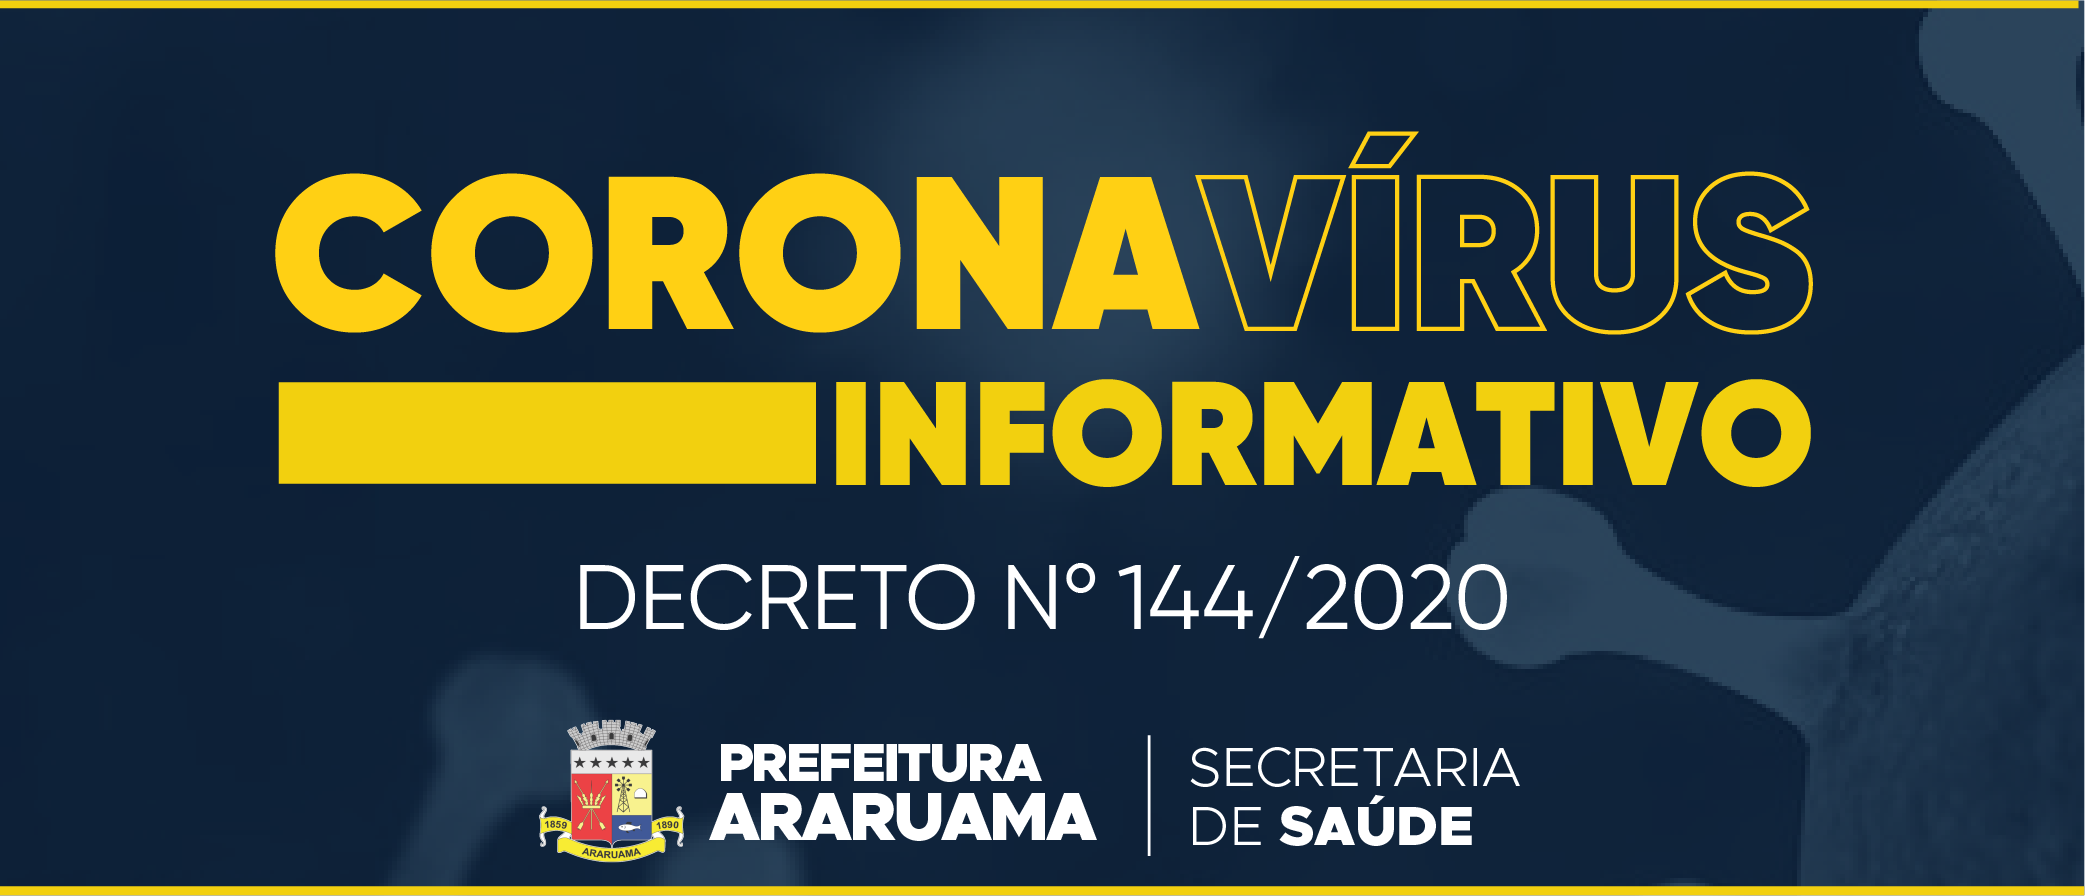 Prefeitura de Araruama publica decreto sobre flexibilização parcial de atividades econômicas do município